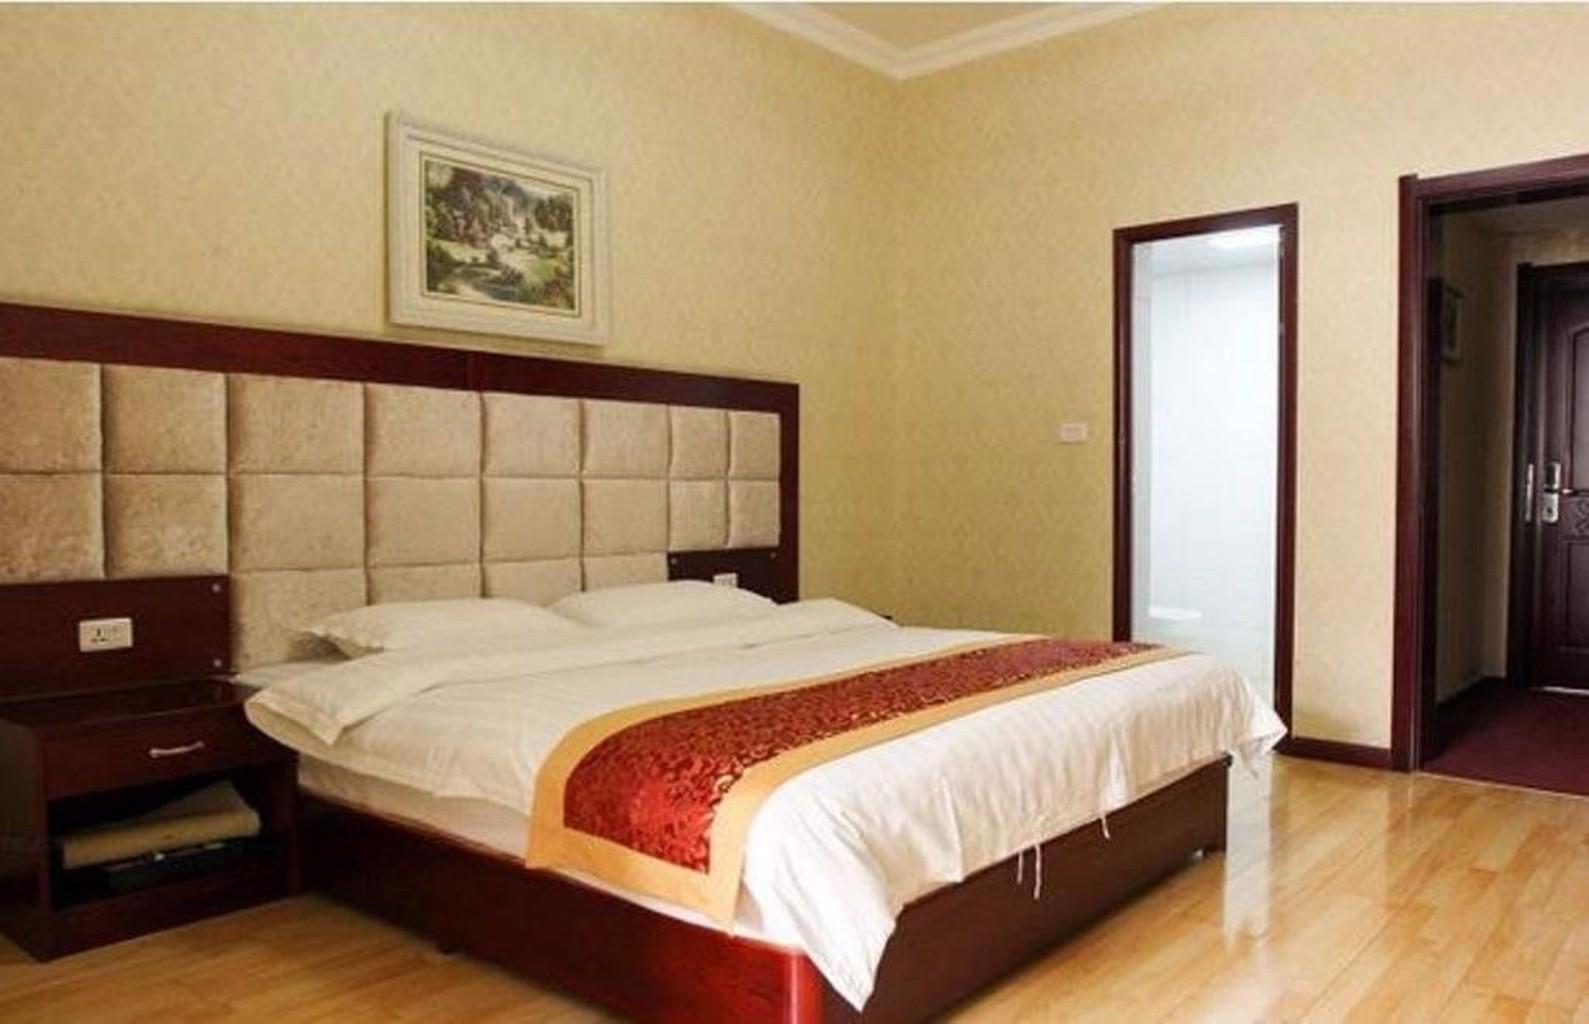 Gallery image of Digital Hotel